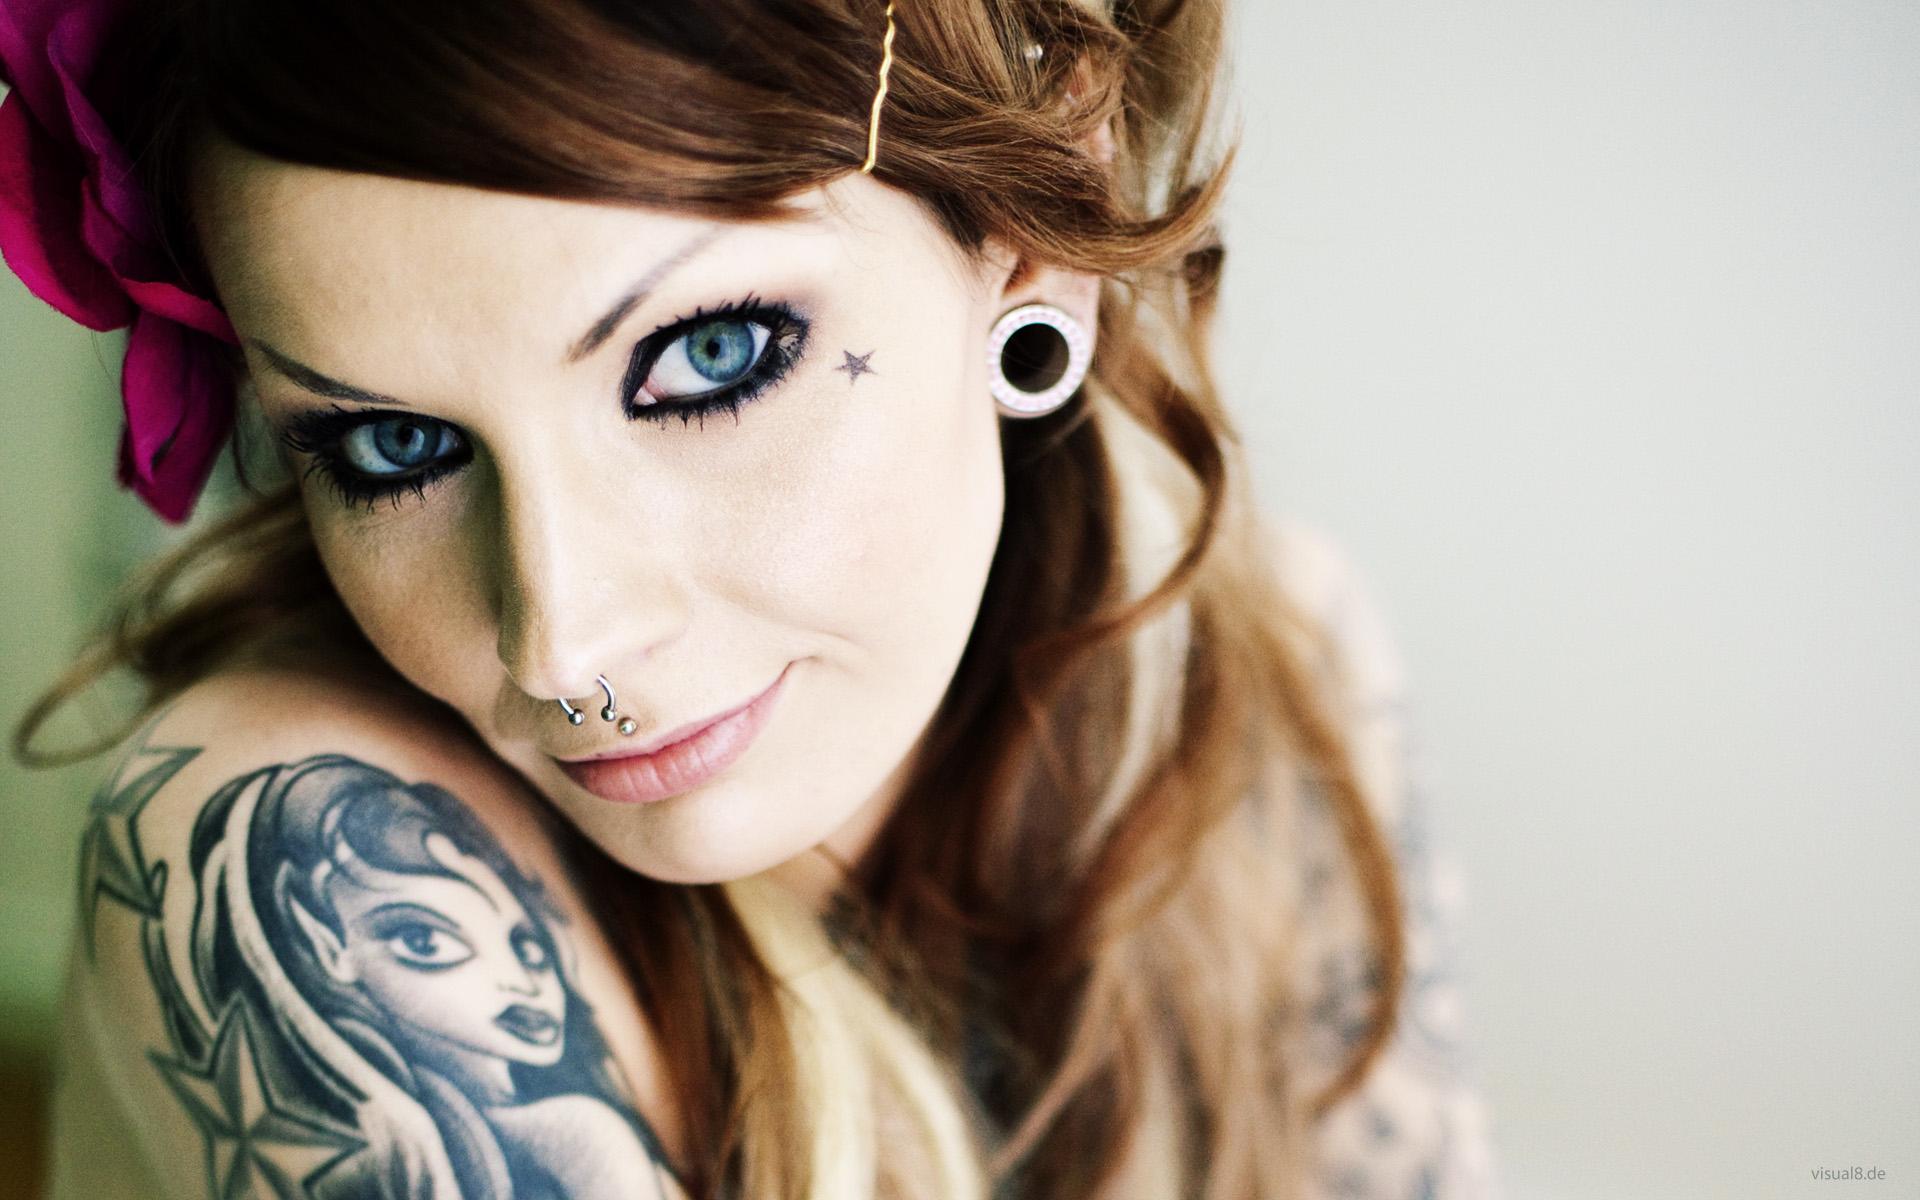 Chica con tatuajes - 1920x1200